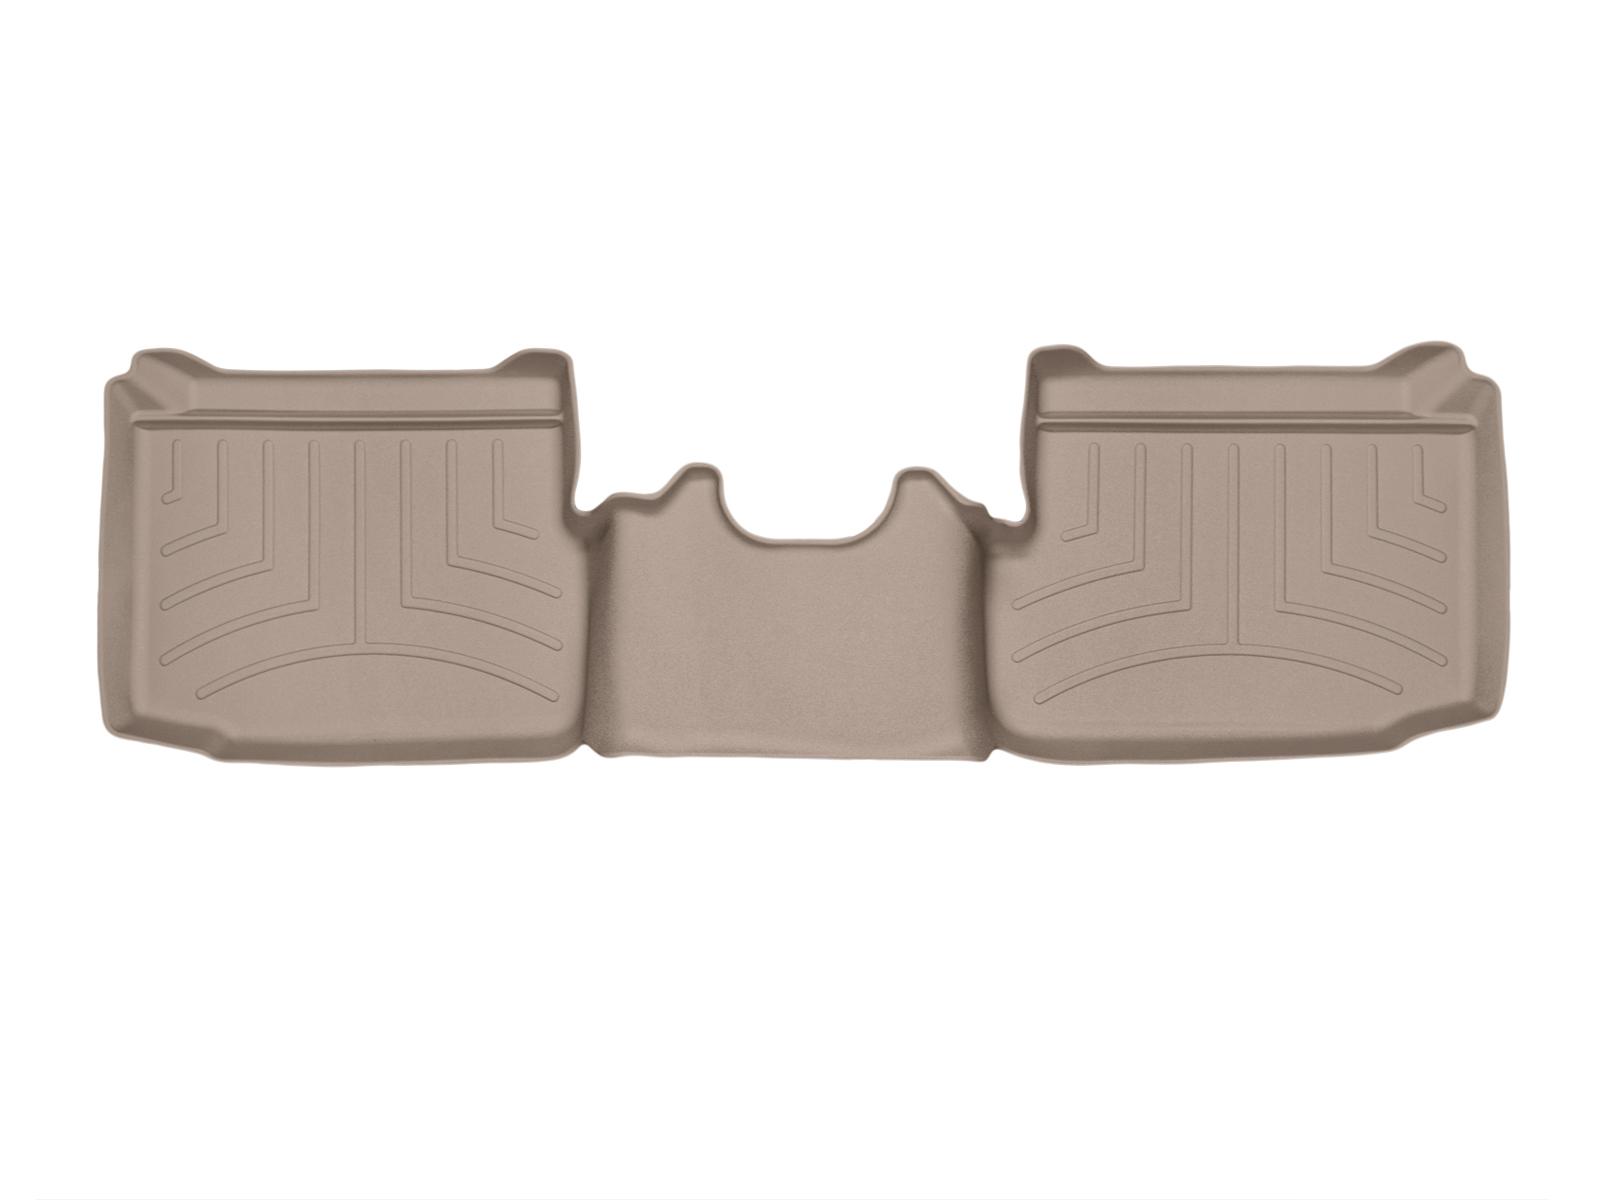 Tappeti gomma su misura bordo alto Fiat Punto EVO 09>13 Marrone A833*